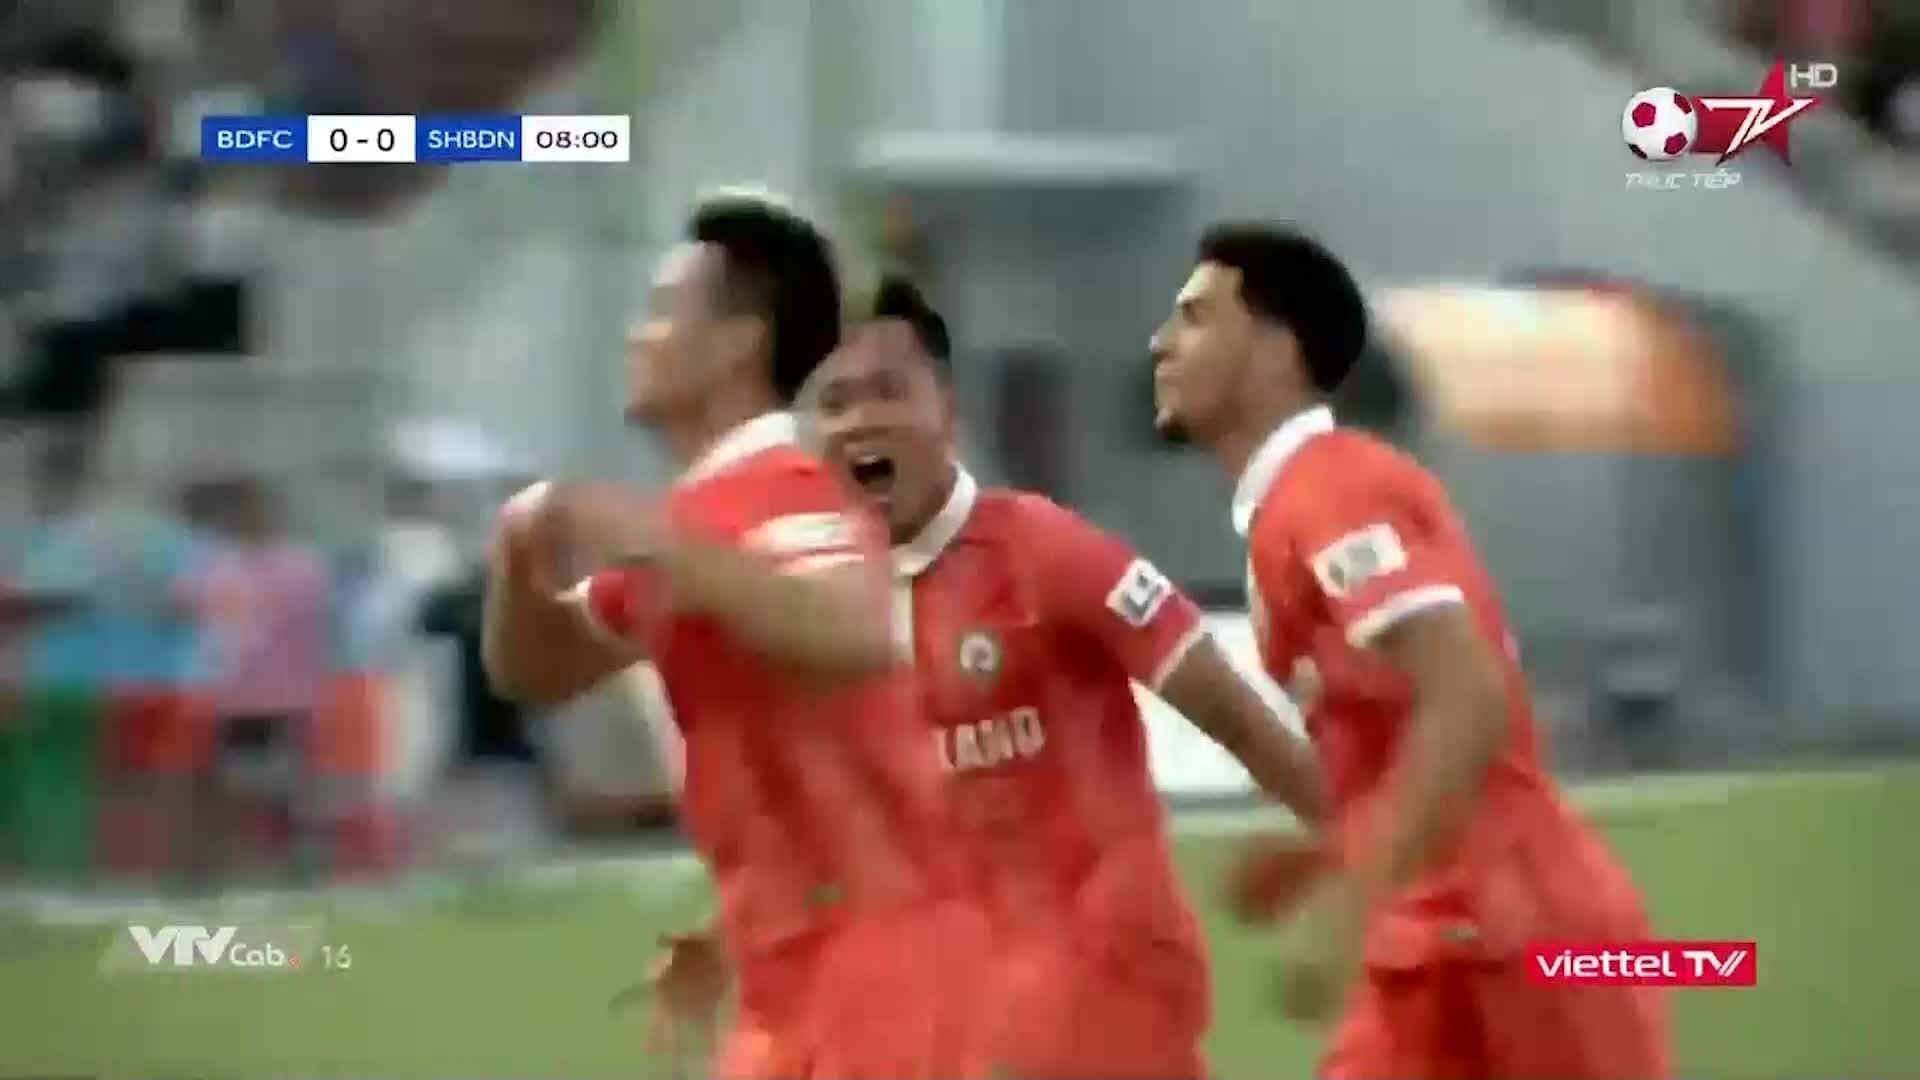 Bình Định 1-0 Đà Nẵng